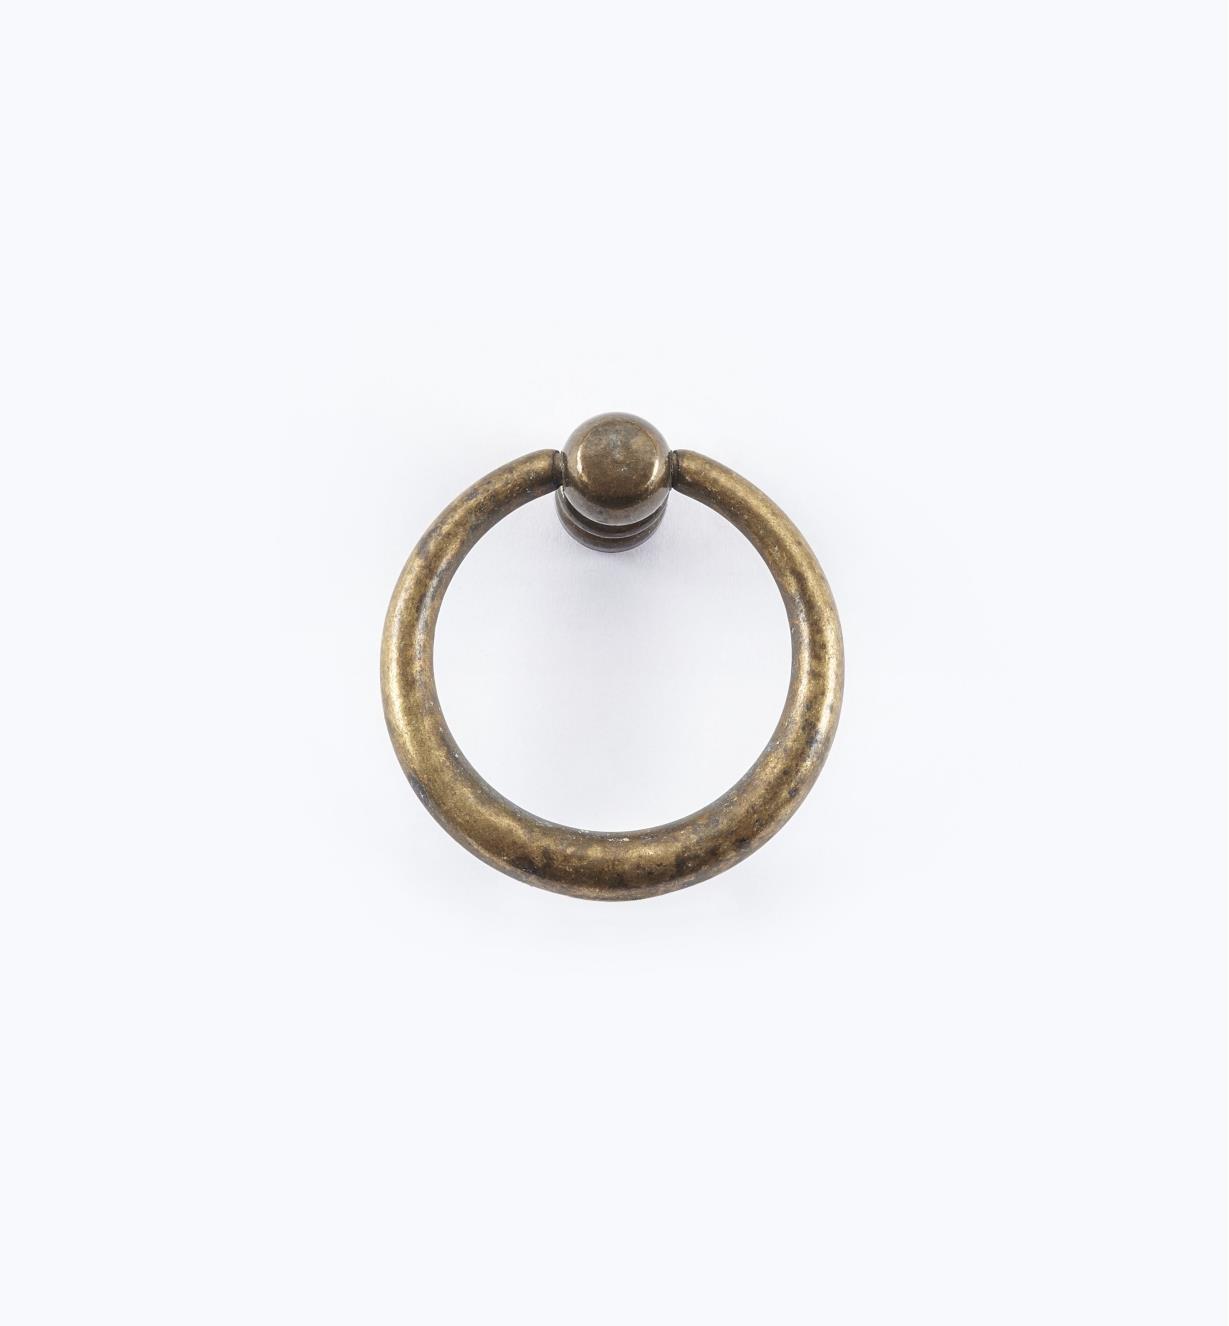 01A2323 - Poignée à anneau fuselé simple, 40 mm x 42 mm